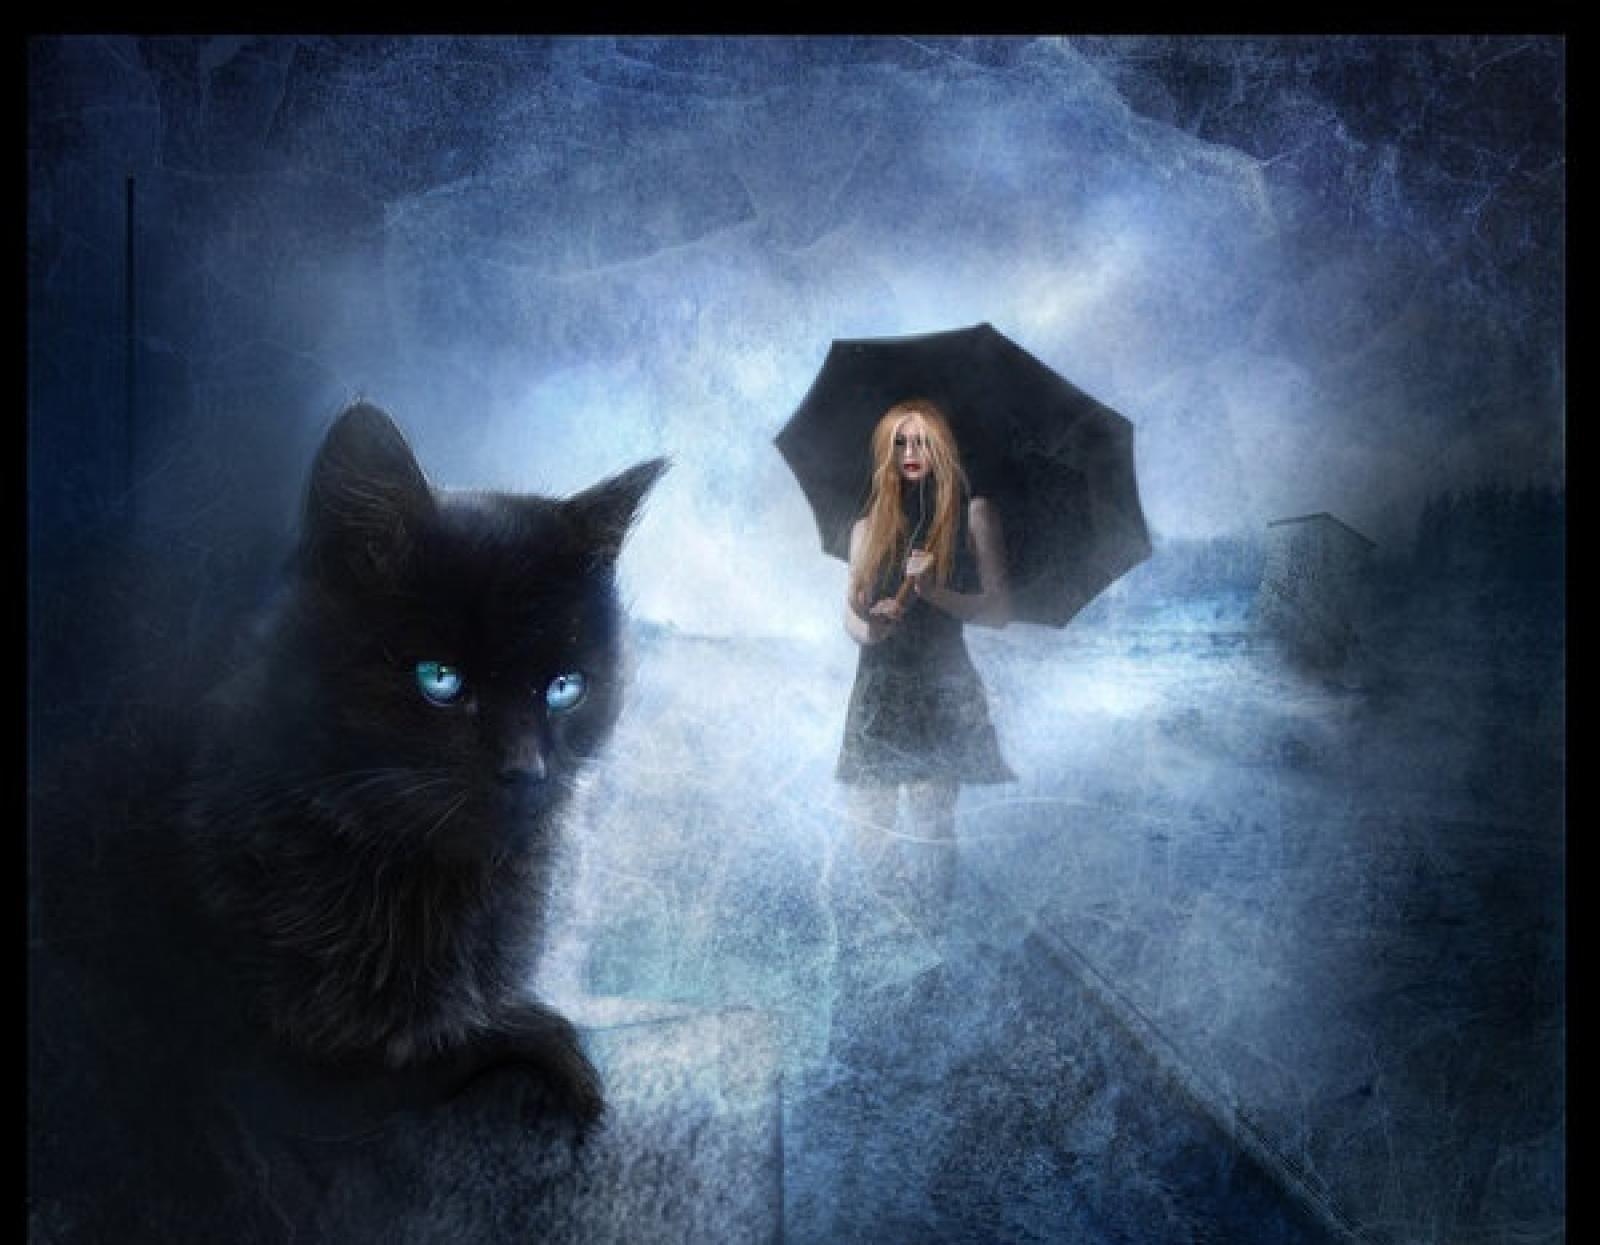 топовой человеку стали нравиться коты мистика ли это чтобы легче